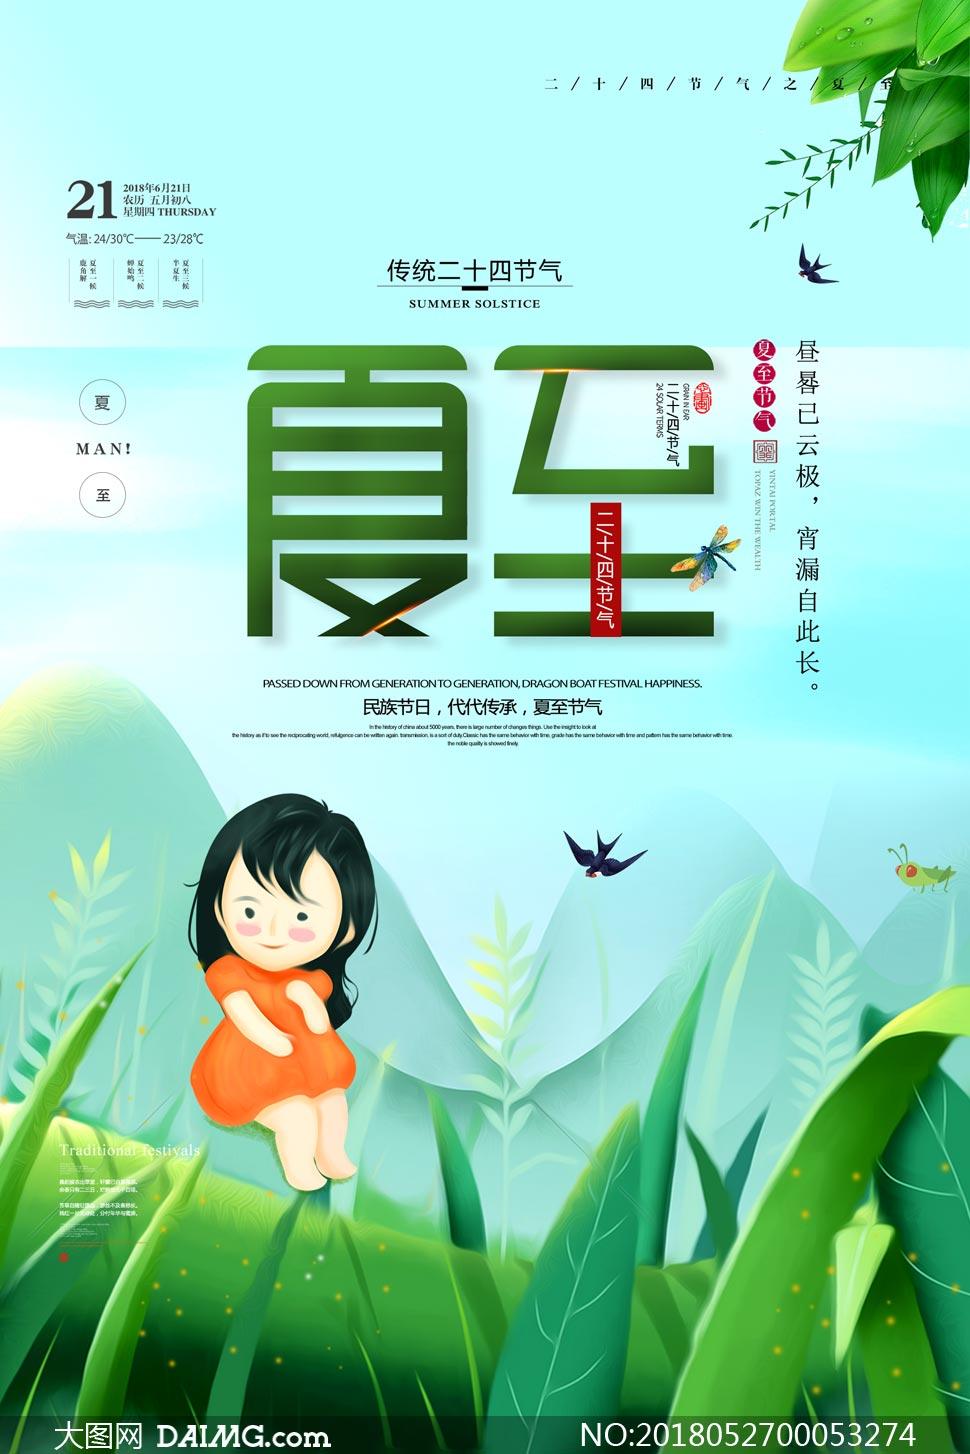 夏至节气手绘主题小女孩燕子柳条绿叶夏至海报海报设计广告设计模板